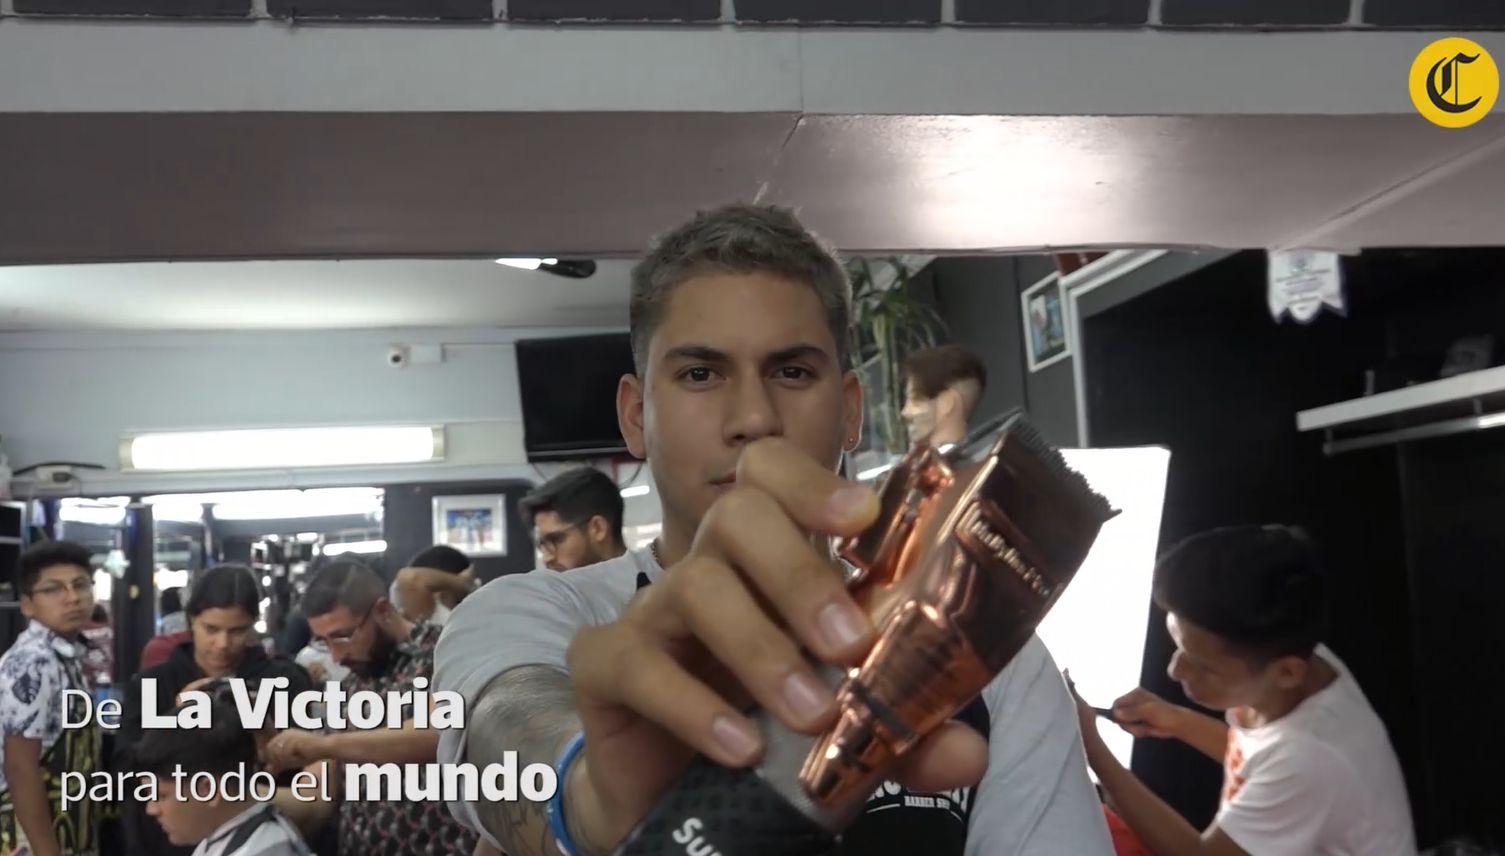 El barbero de Messi y de Farfán: de La Victoria para el mundo